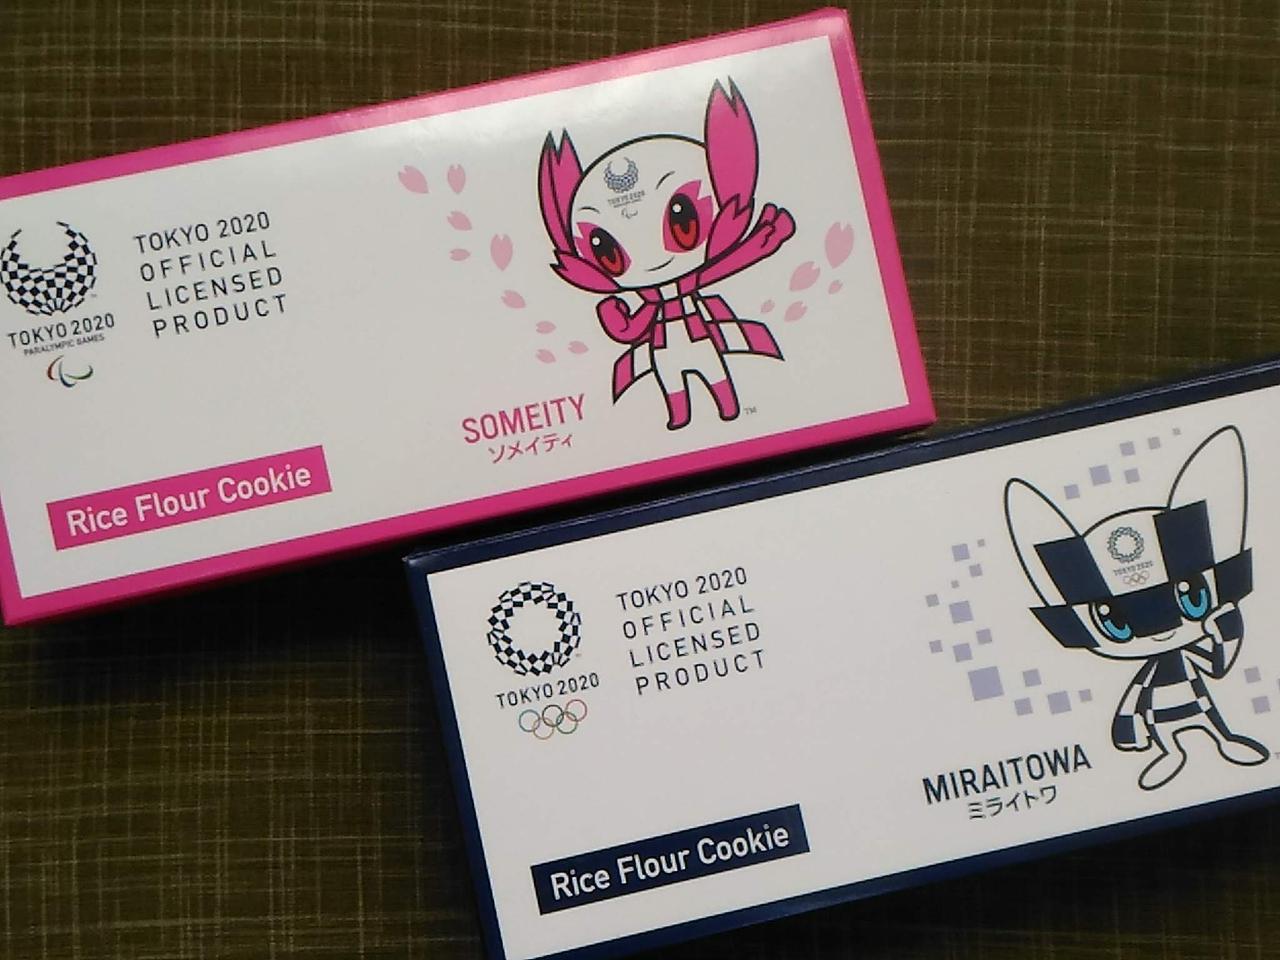 東京2020オフィシャルショップの米粉クッキーのパッケージ